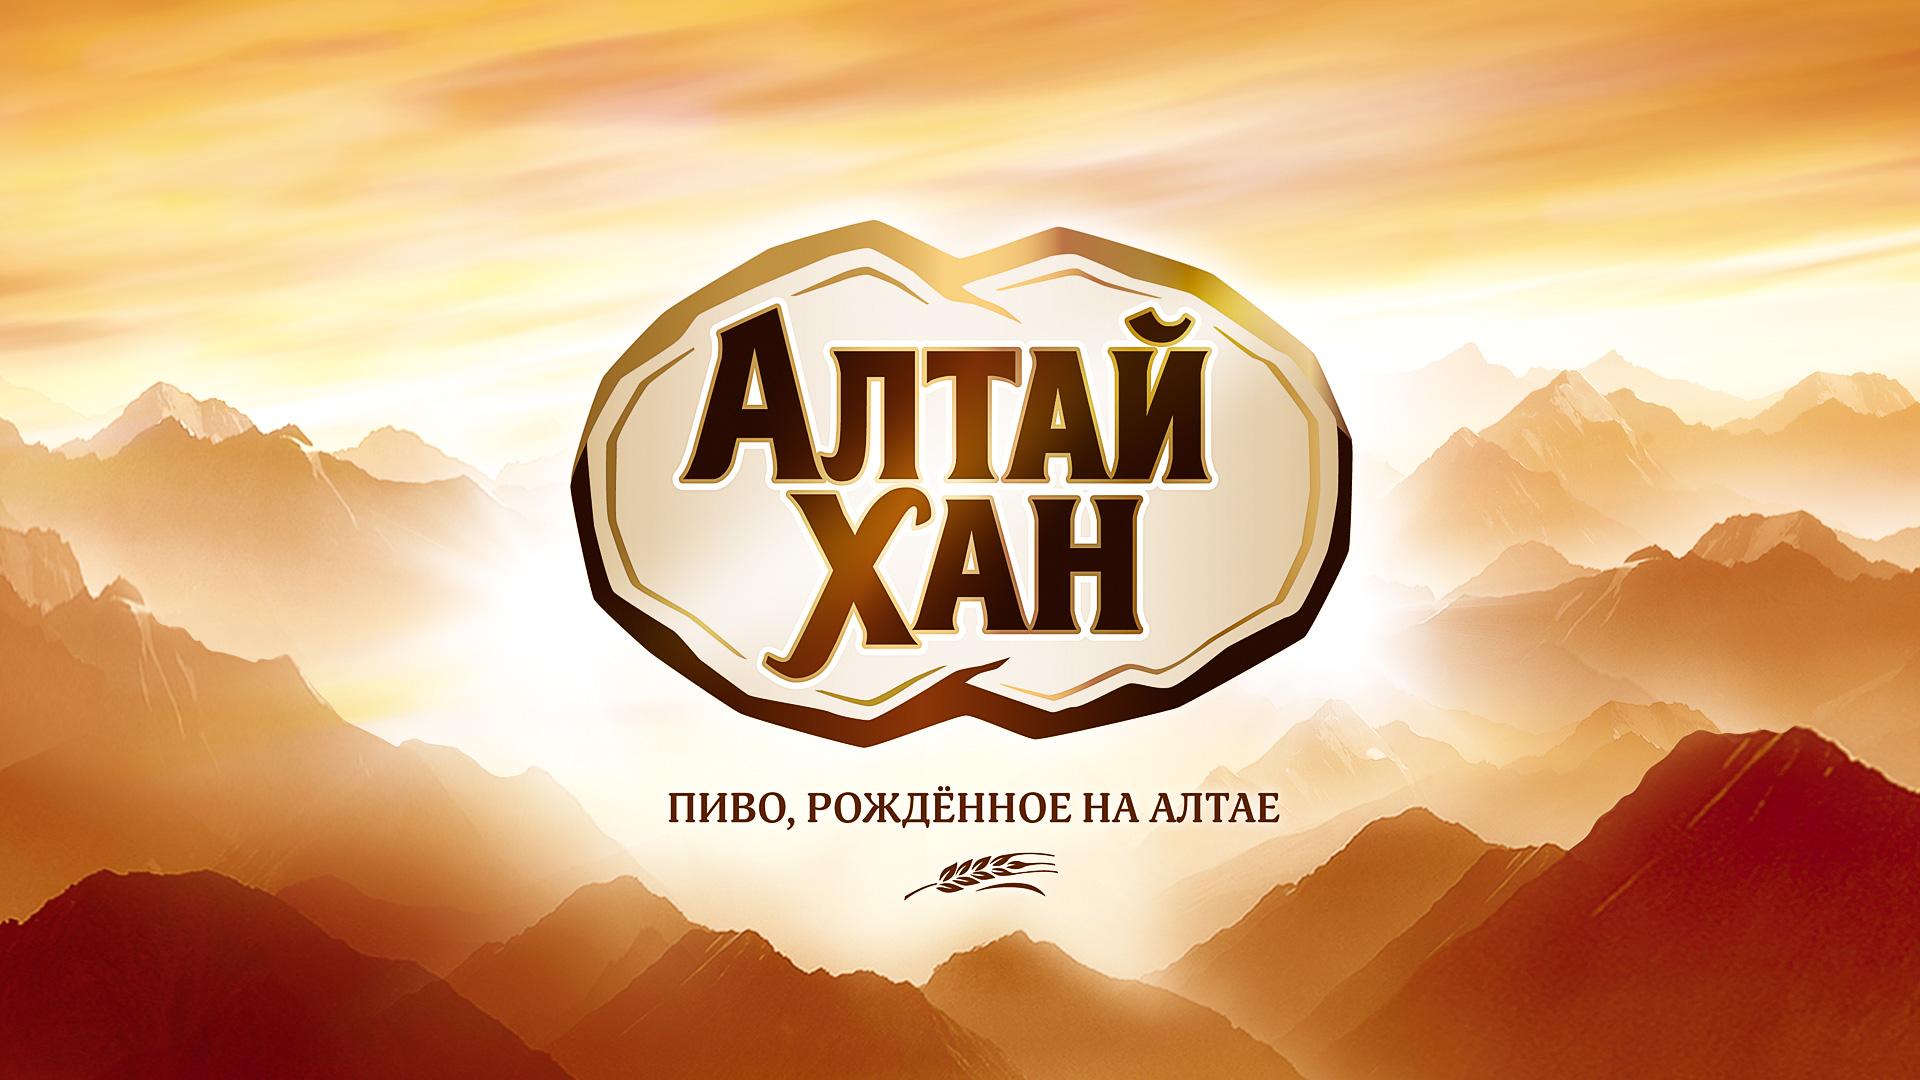 Алтай хан